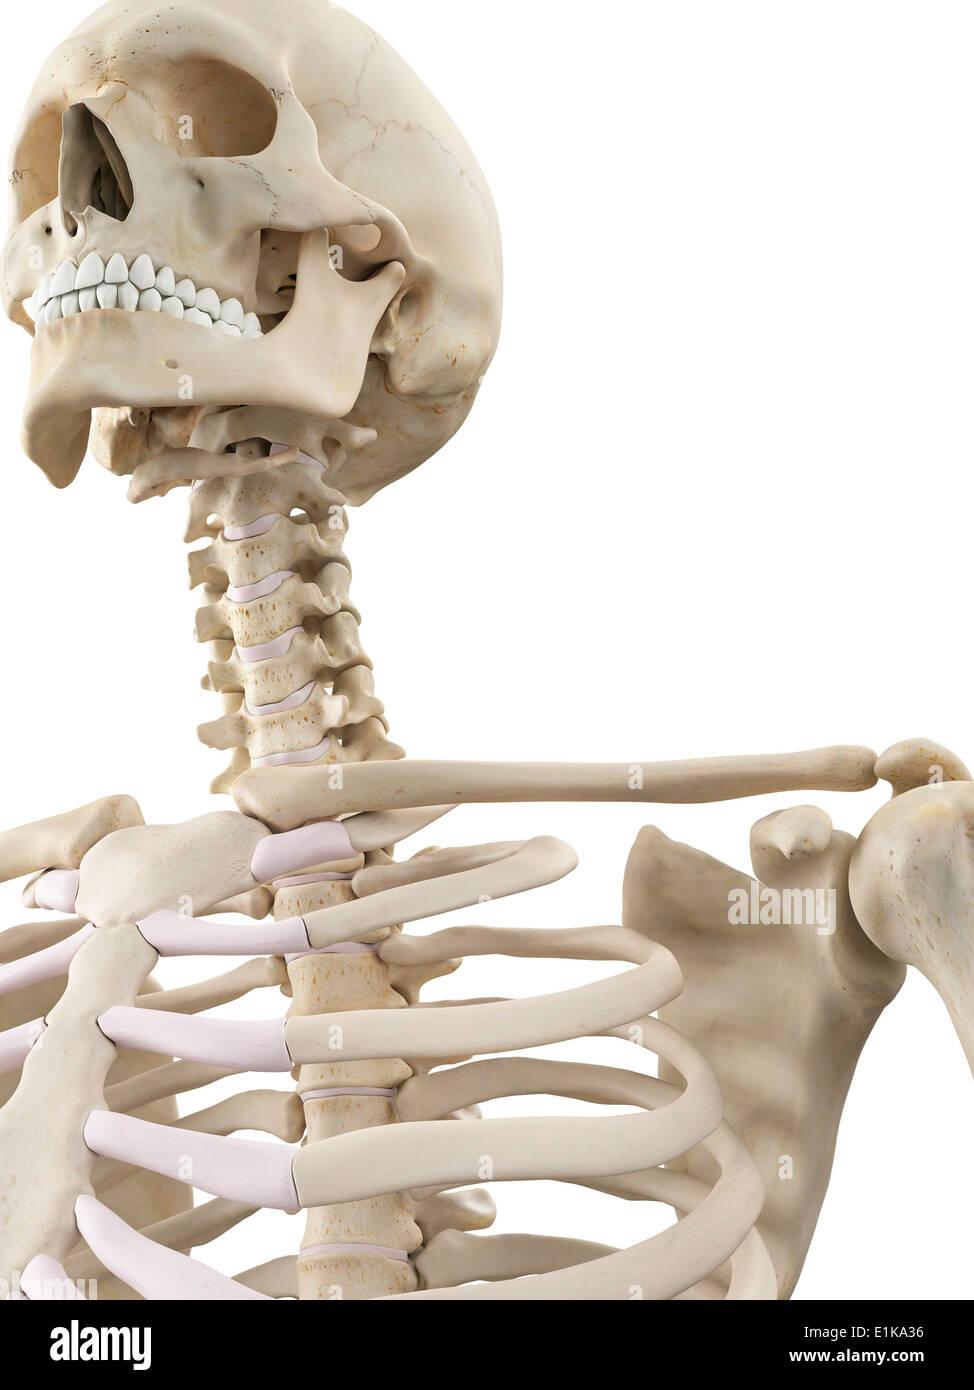 Großzügig Interaktive Menschliche Körpersysteme Fotos - Menschliche ...